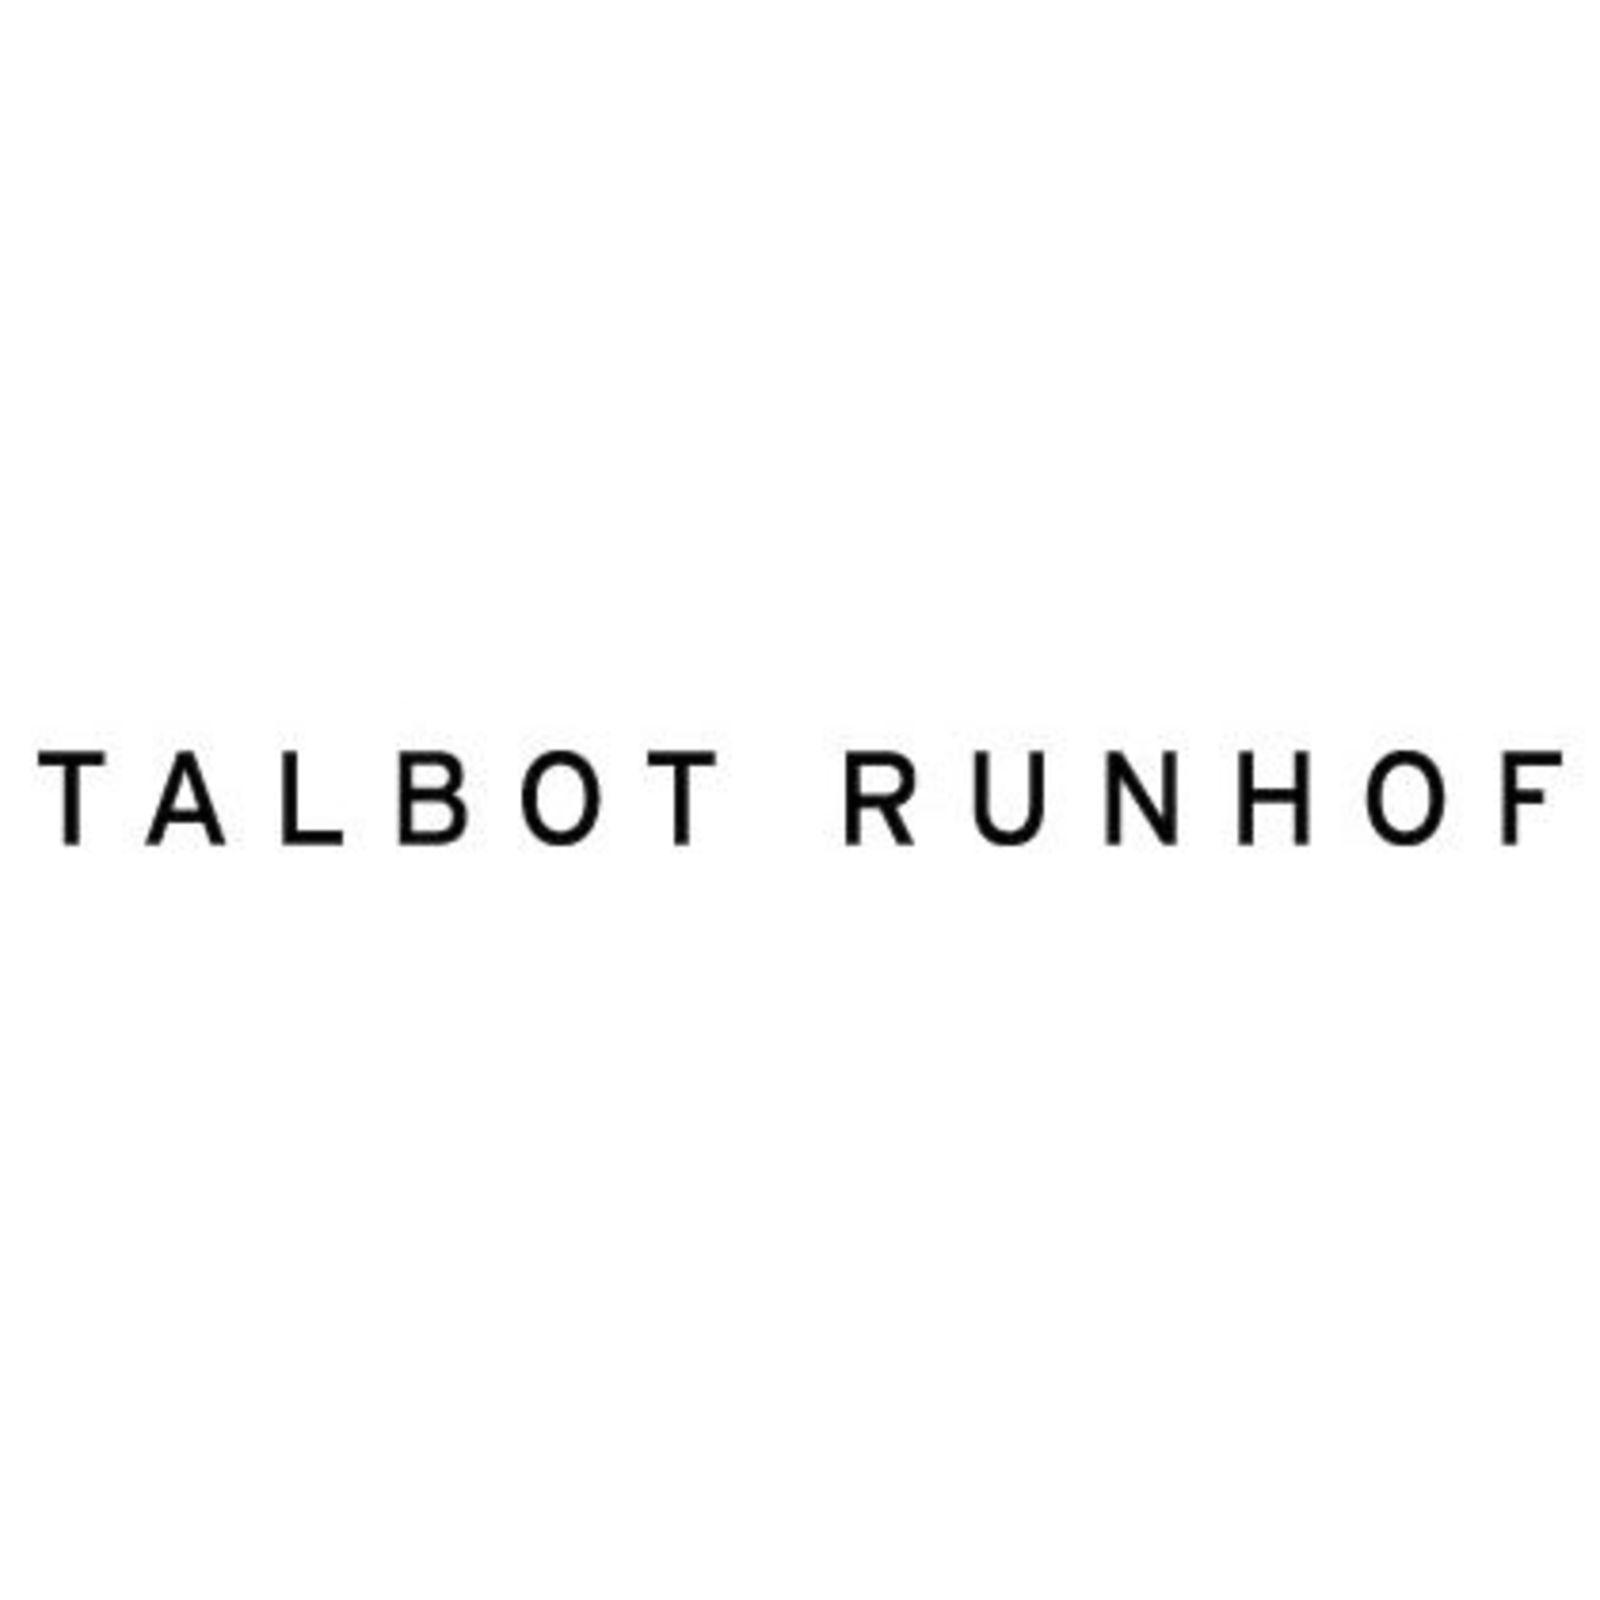 TALBOT RUNHOF (Bild 1)